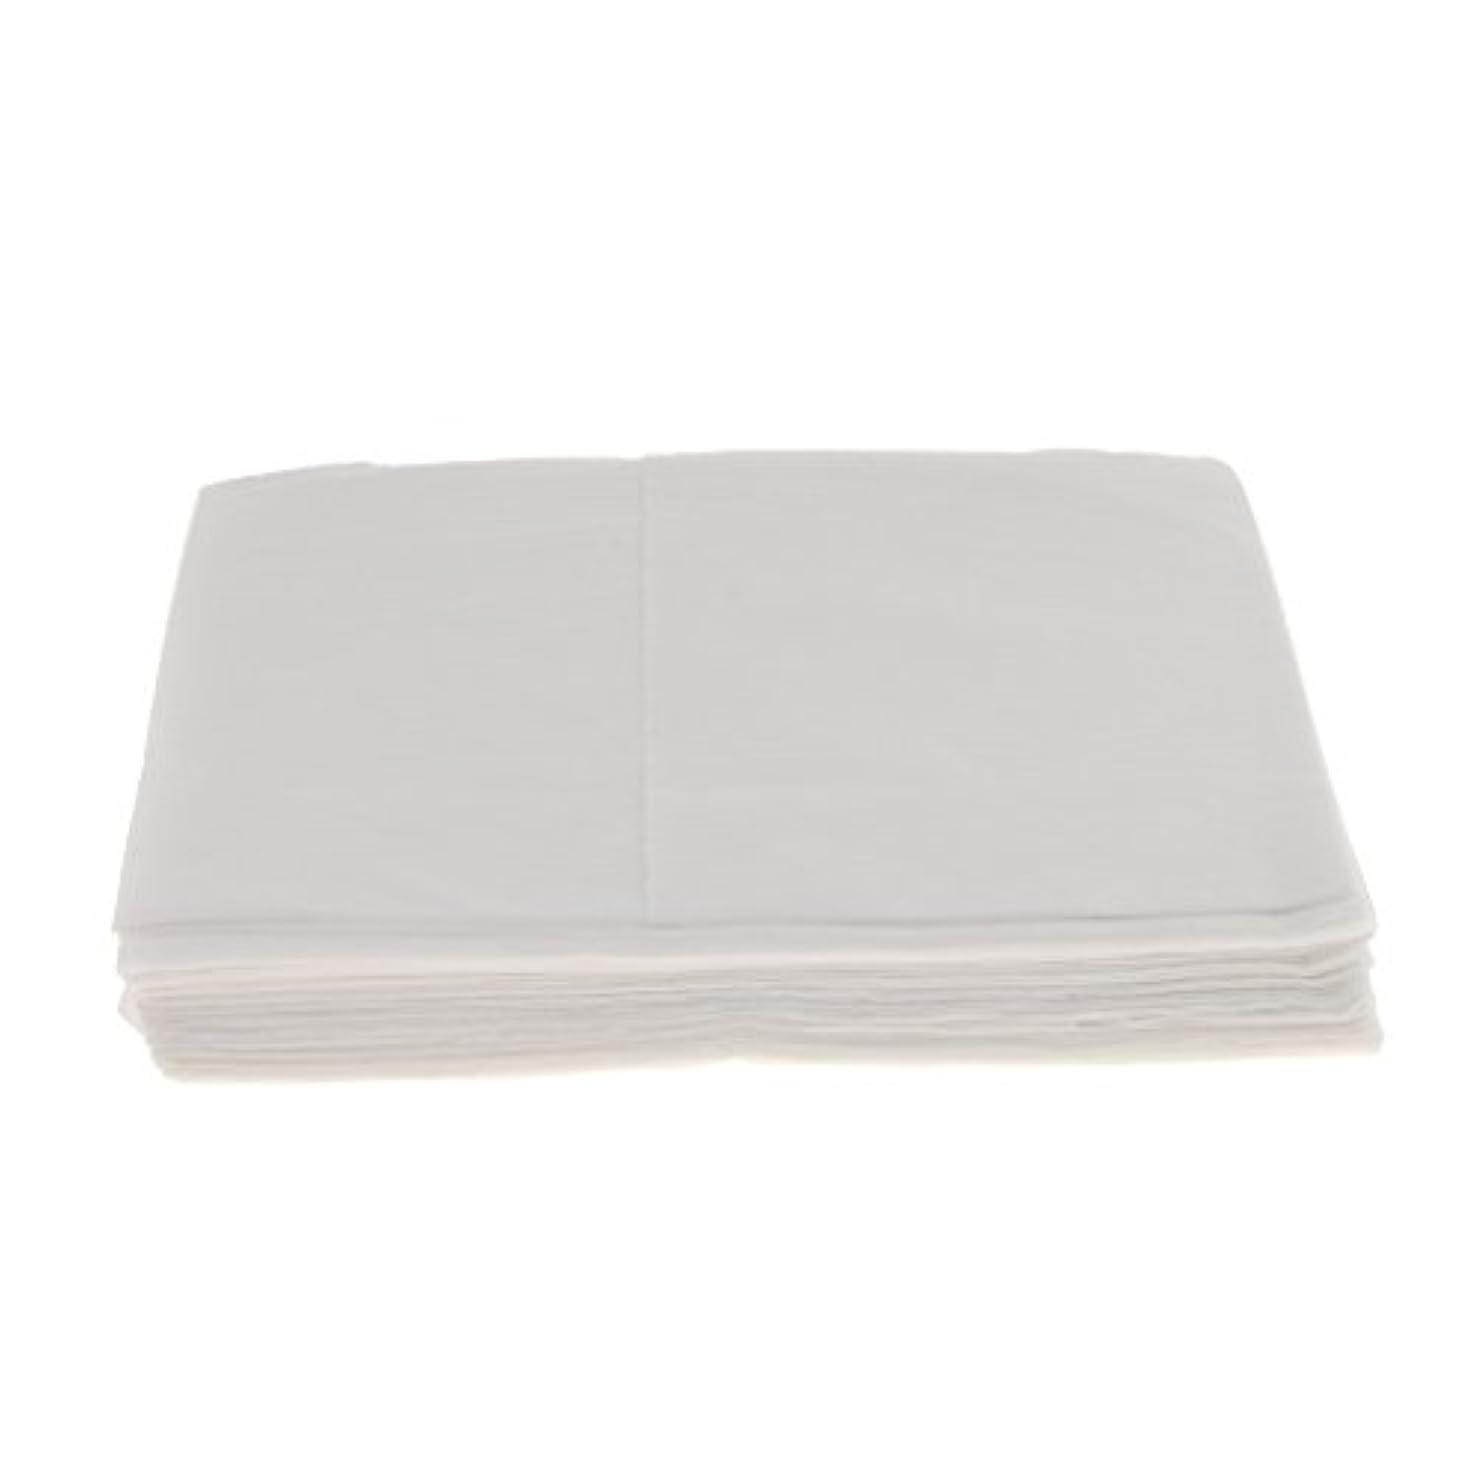 登場ぐるぐる追い付く10枚 使い捨て ベッドシーツ サロン ホテル ベッドパッド カバー シート 2色選べ - 白